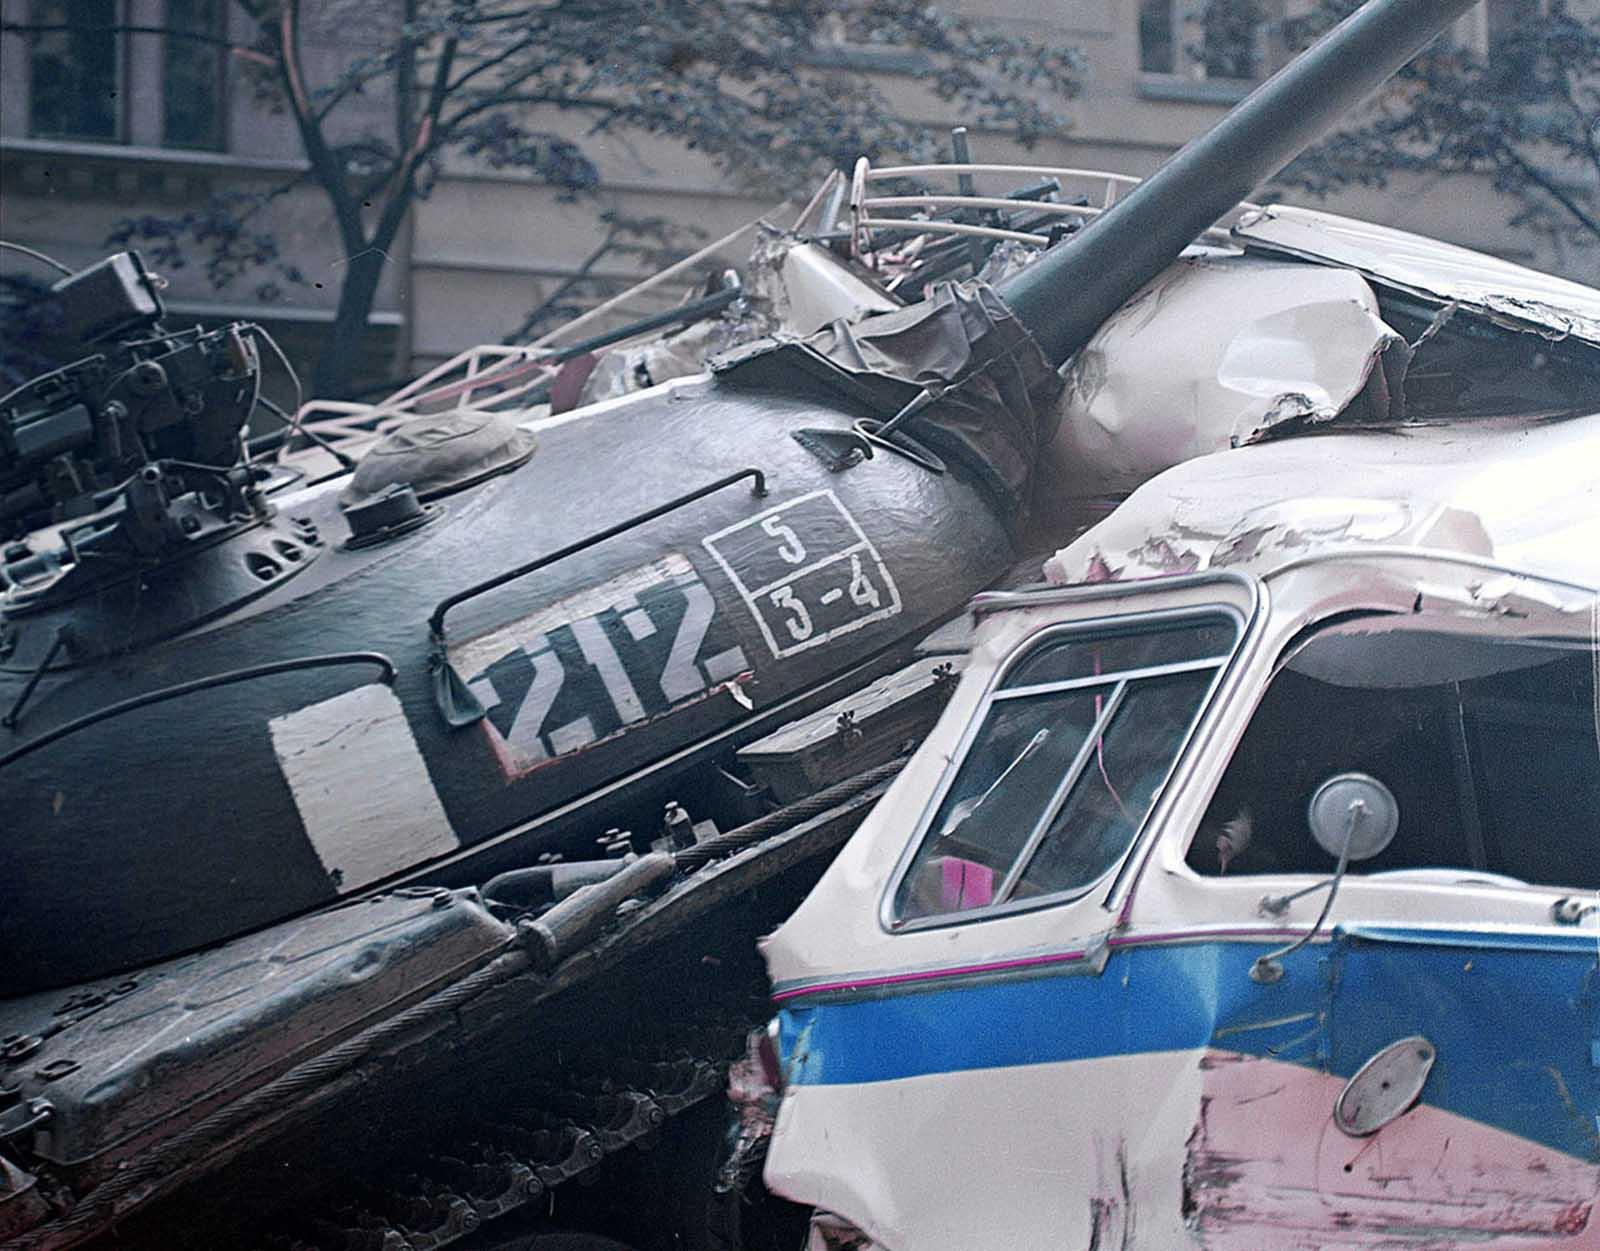 Un tanque del ejército soviético rueda sobre una barricada hecha de camiones y autobuses frente al edificio de la Radio Checoslovaca el 21 de agosto de 1968.